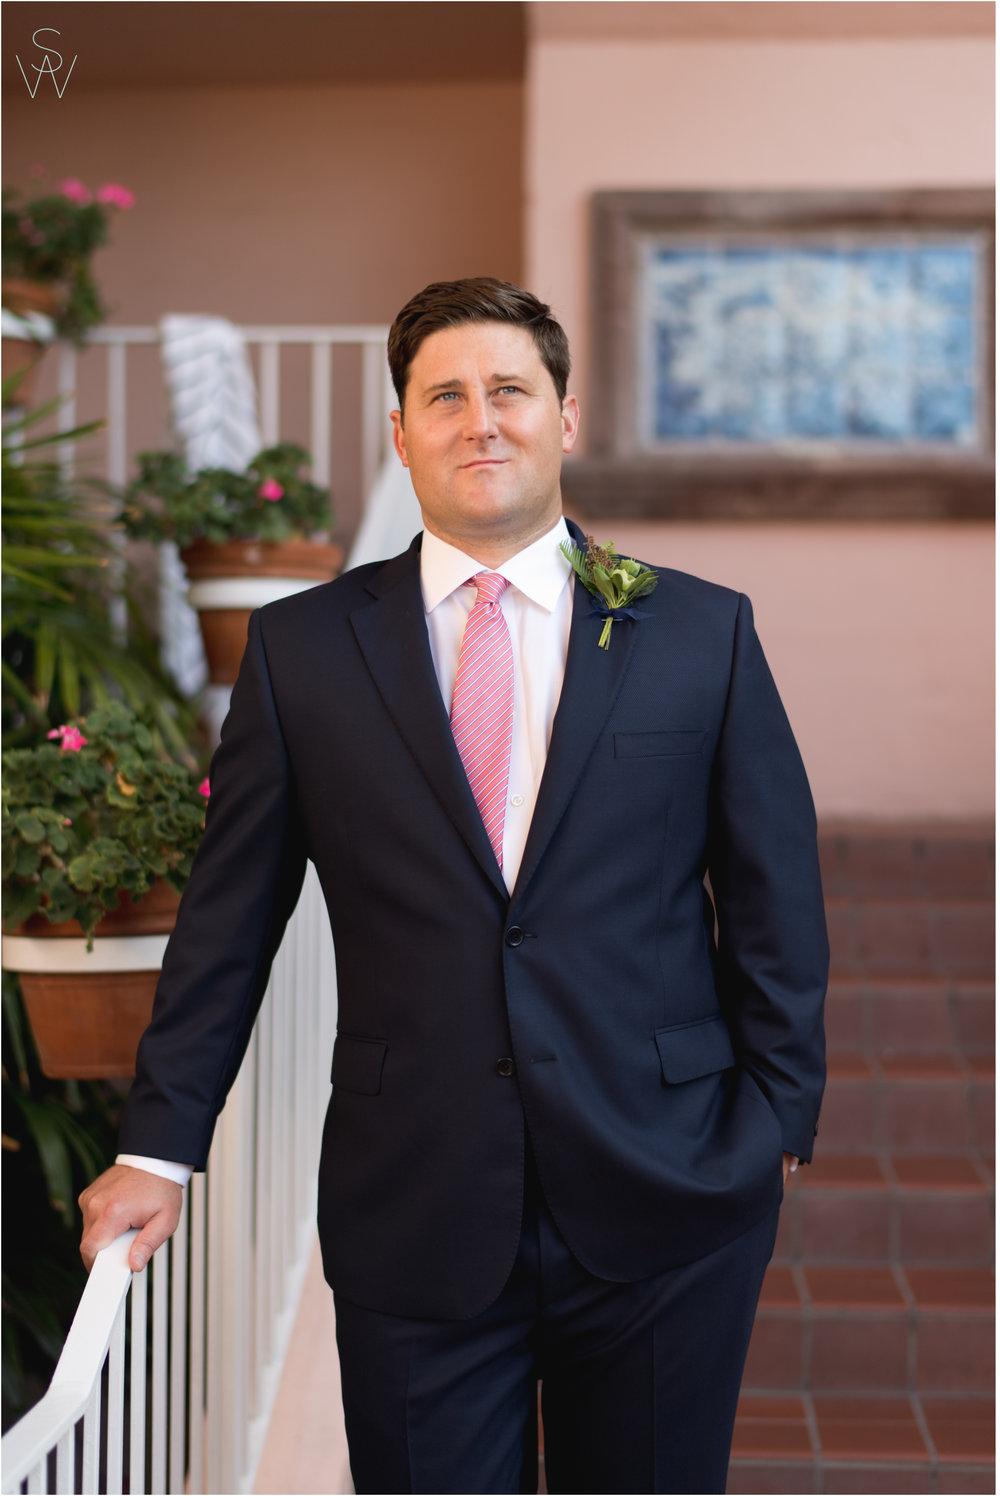 Colleen.Kyle20190122Shewanders.granddelmar.wedding 0450.jpg